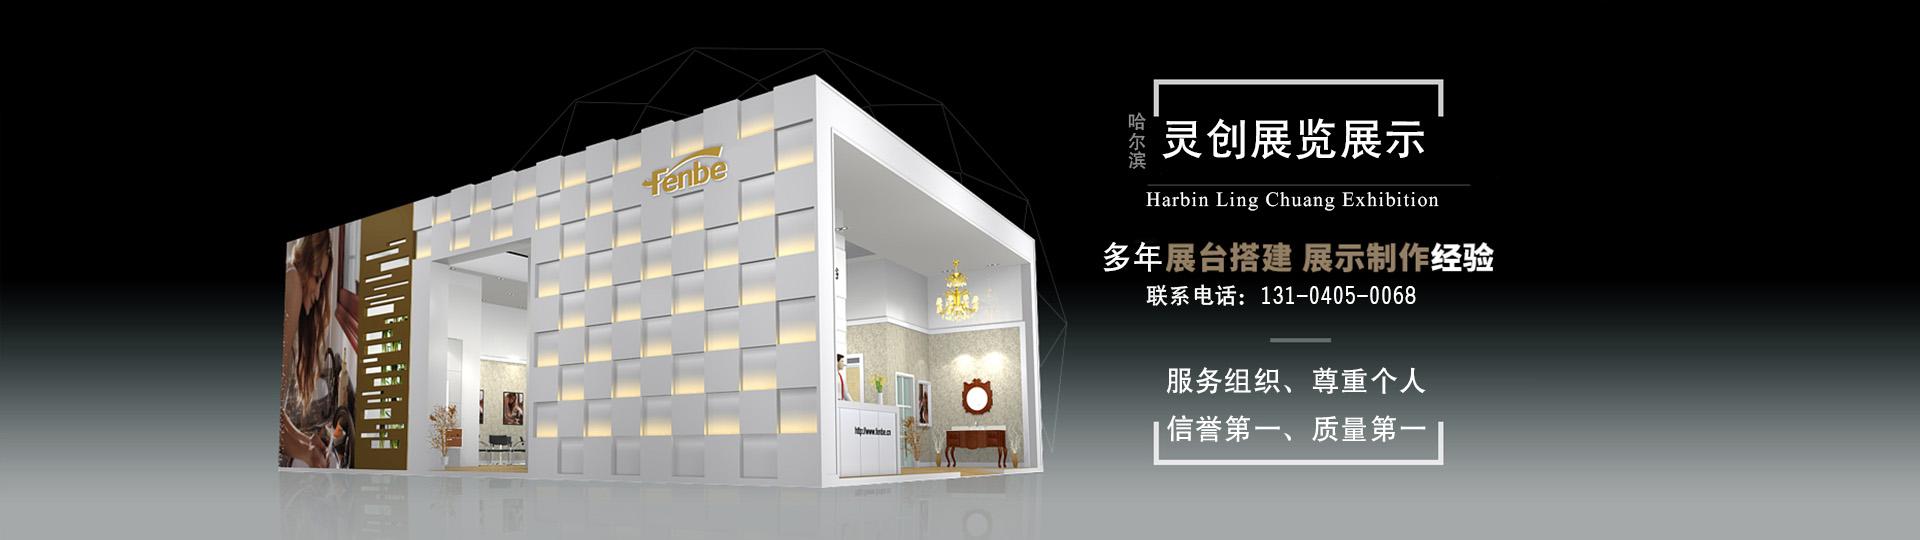 黑龙江龙8国际娱app展示